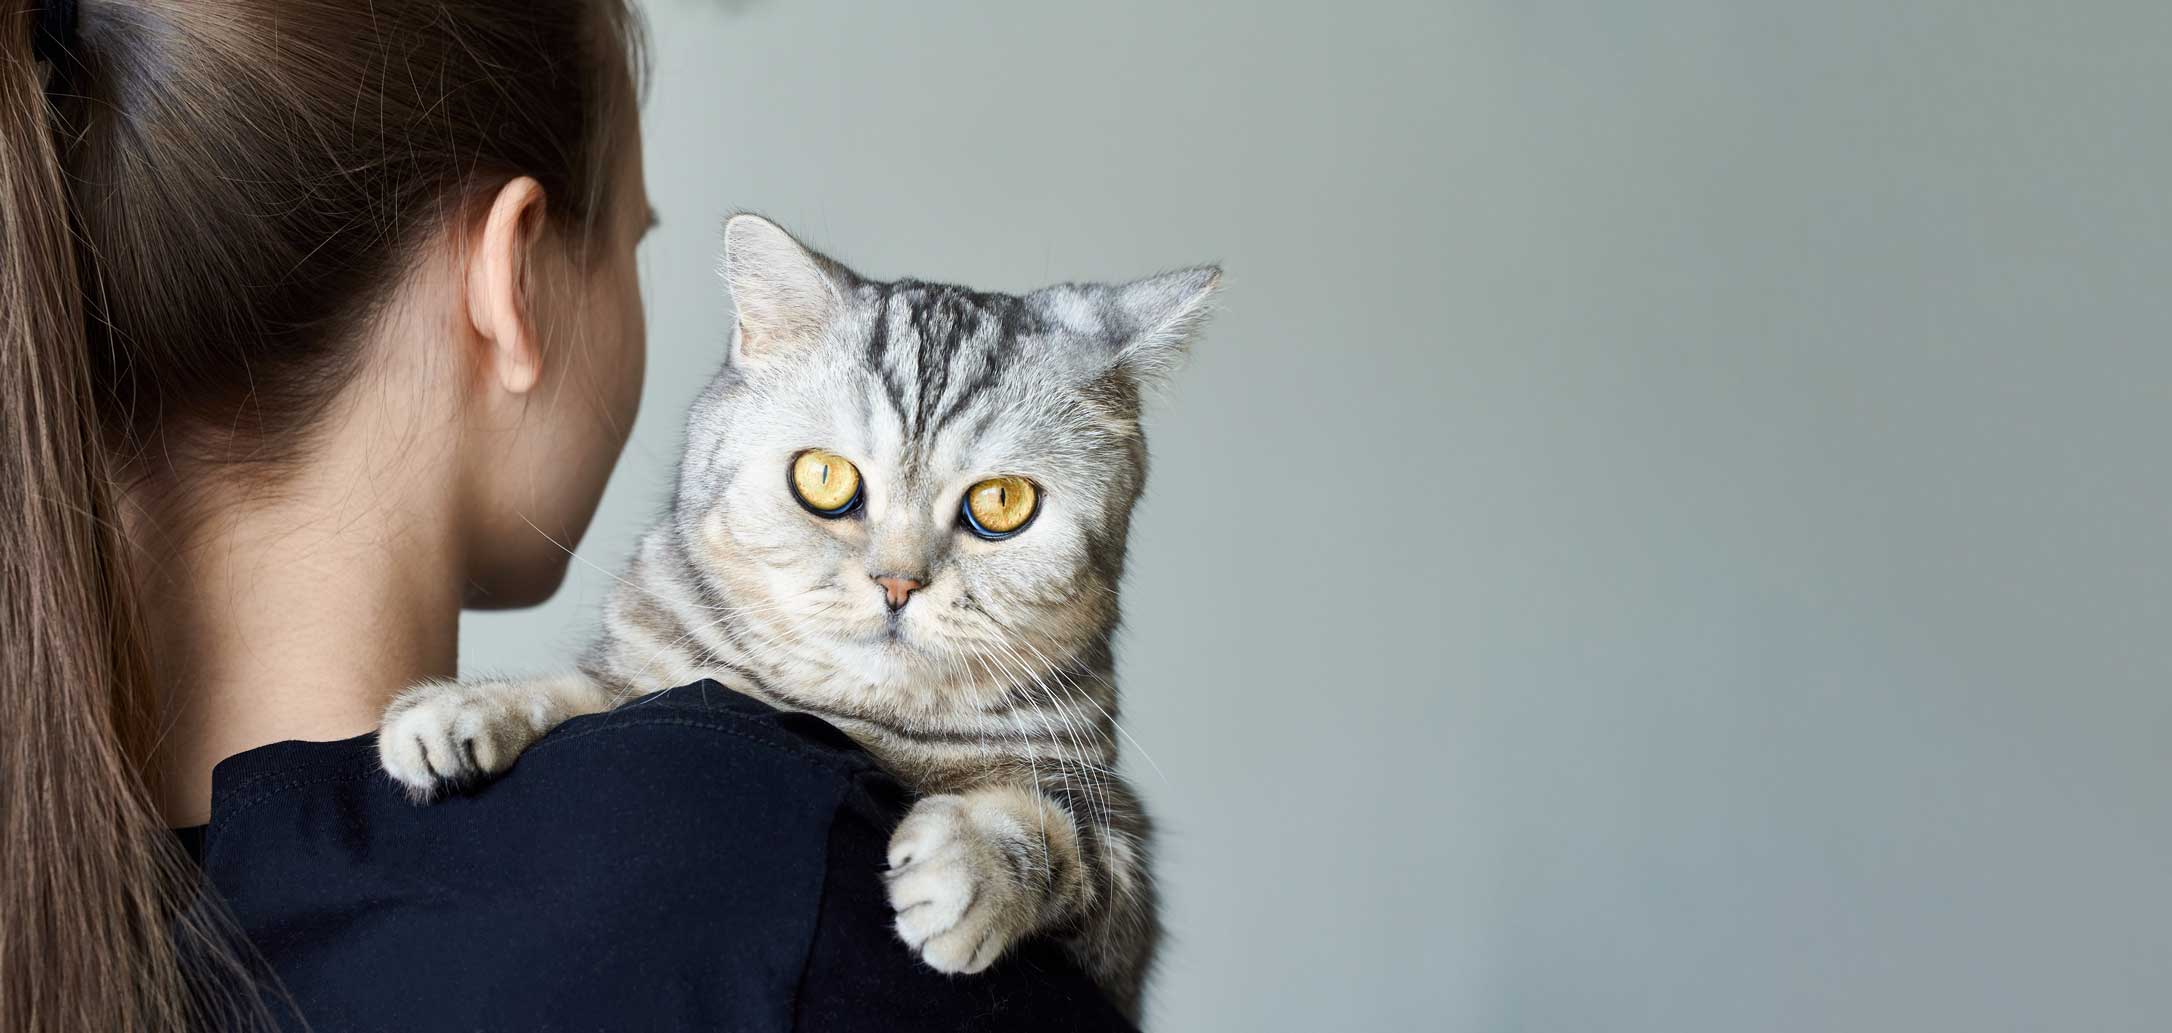 Jeune femme de dos avec un chat sur son épaule. Clinique vétérinaire Lachine